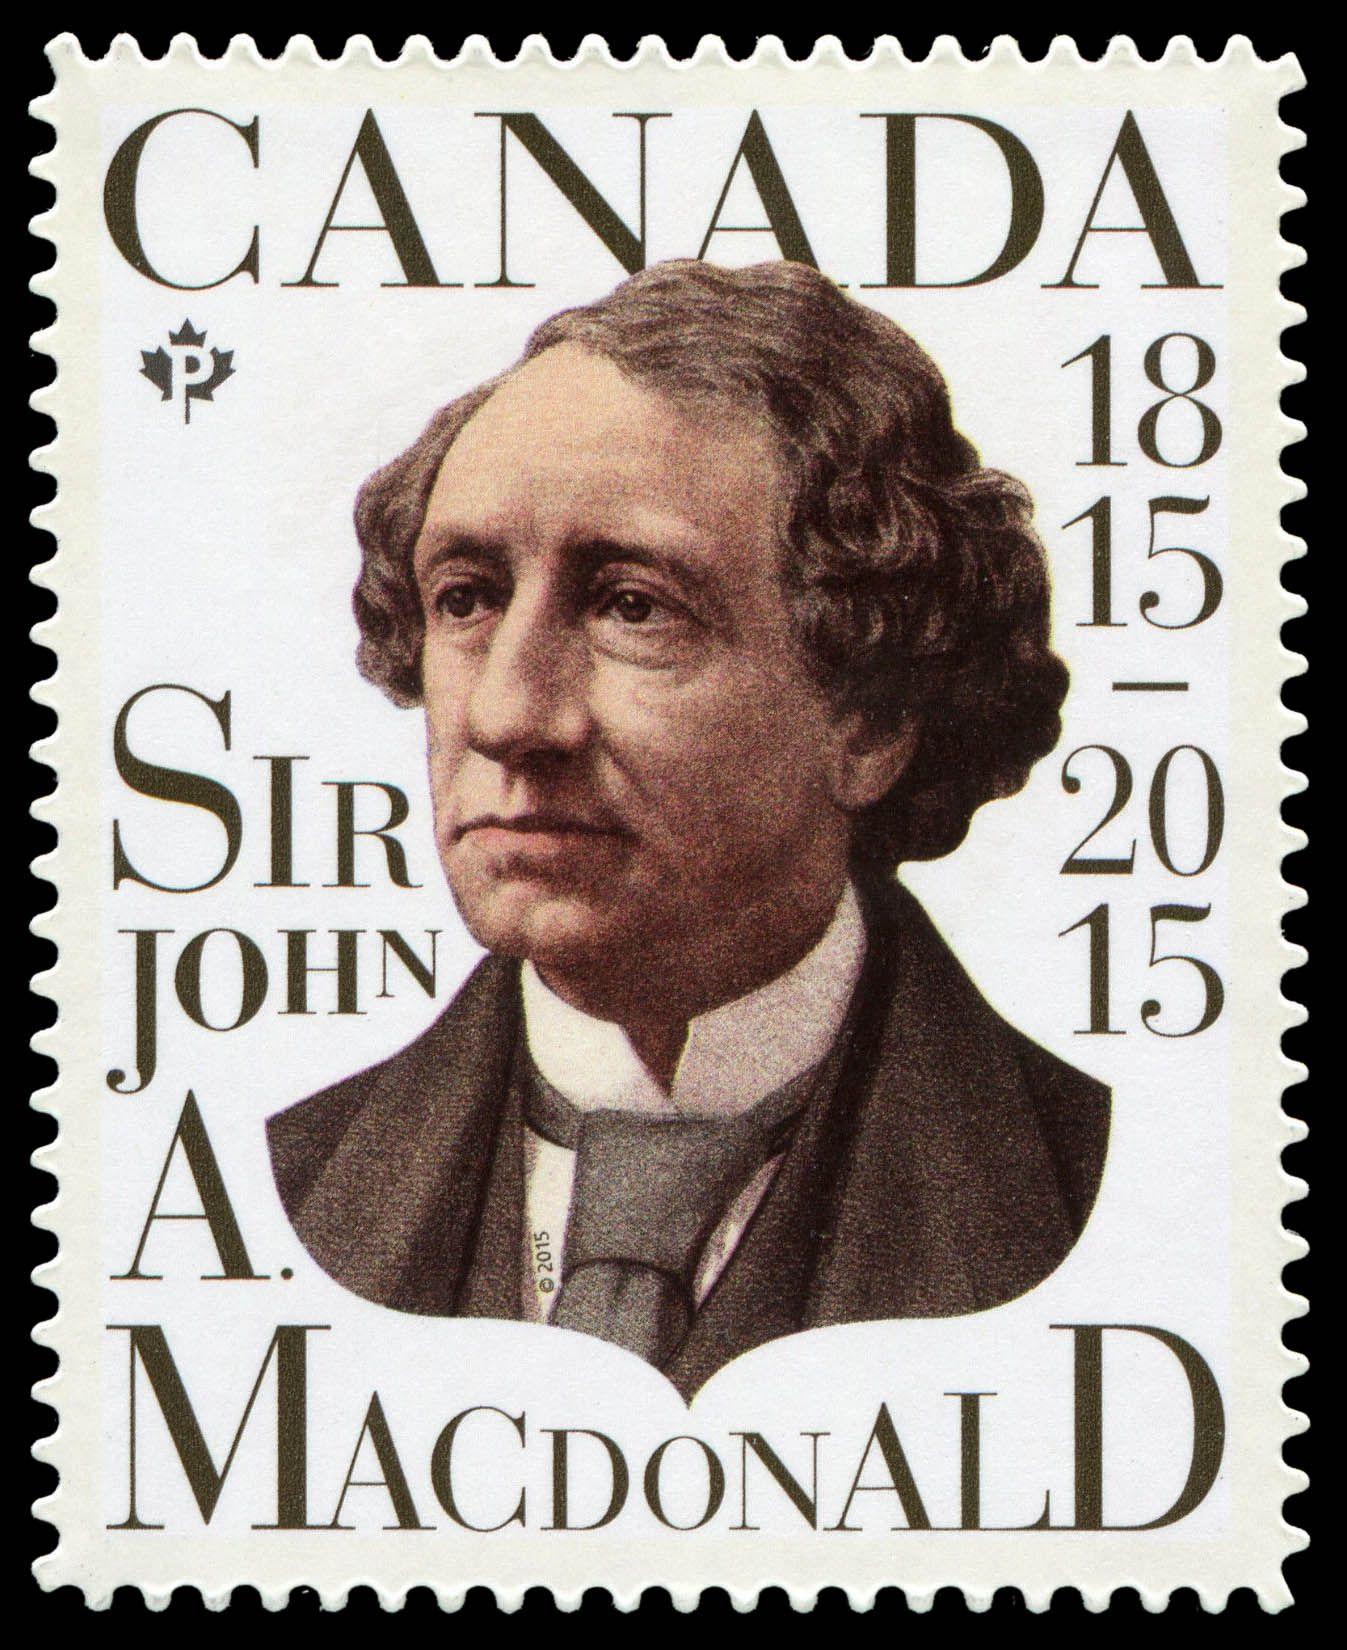 Sir John A. Macdonald - Canada Postage Stamp